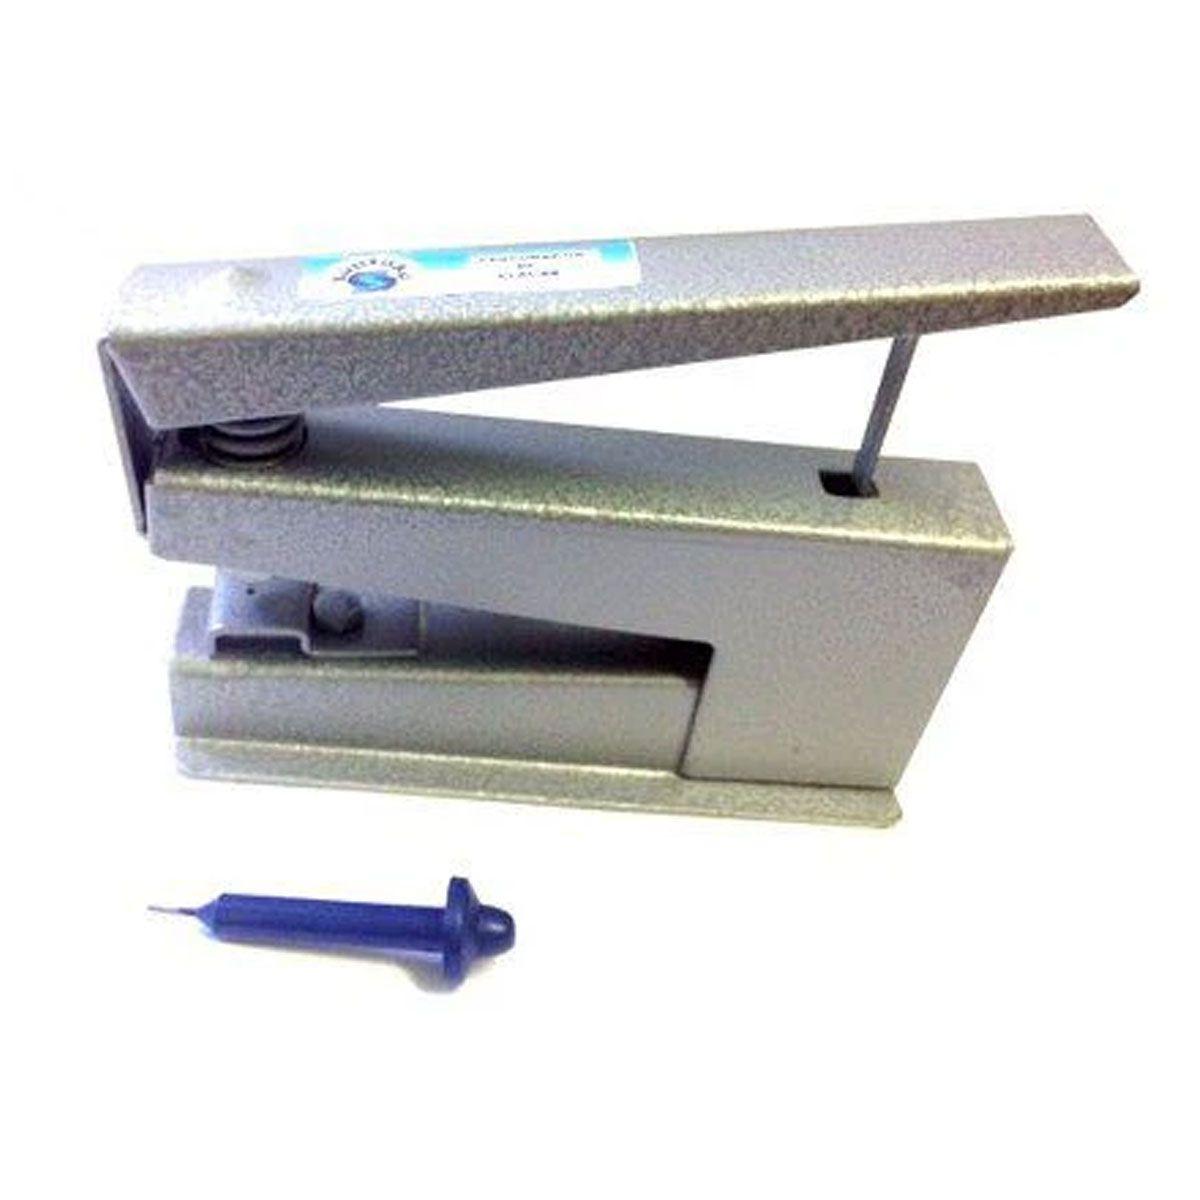 Kit Perfurador de Placa de Circuito Impresso KP-1 Punção - Suekit